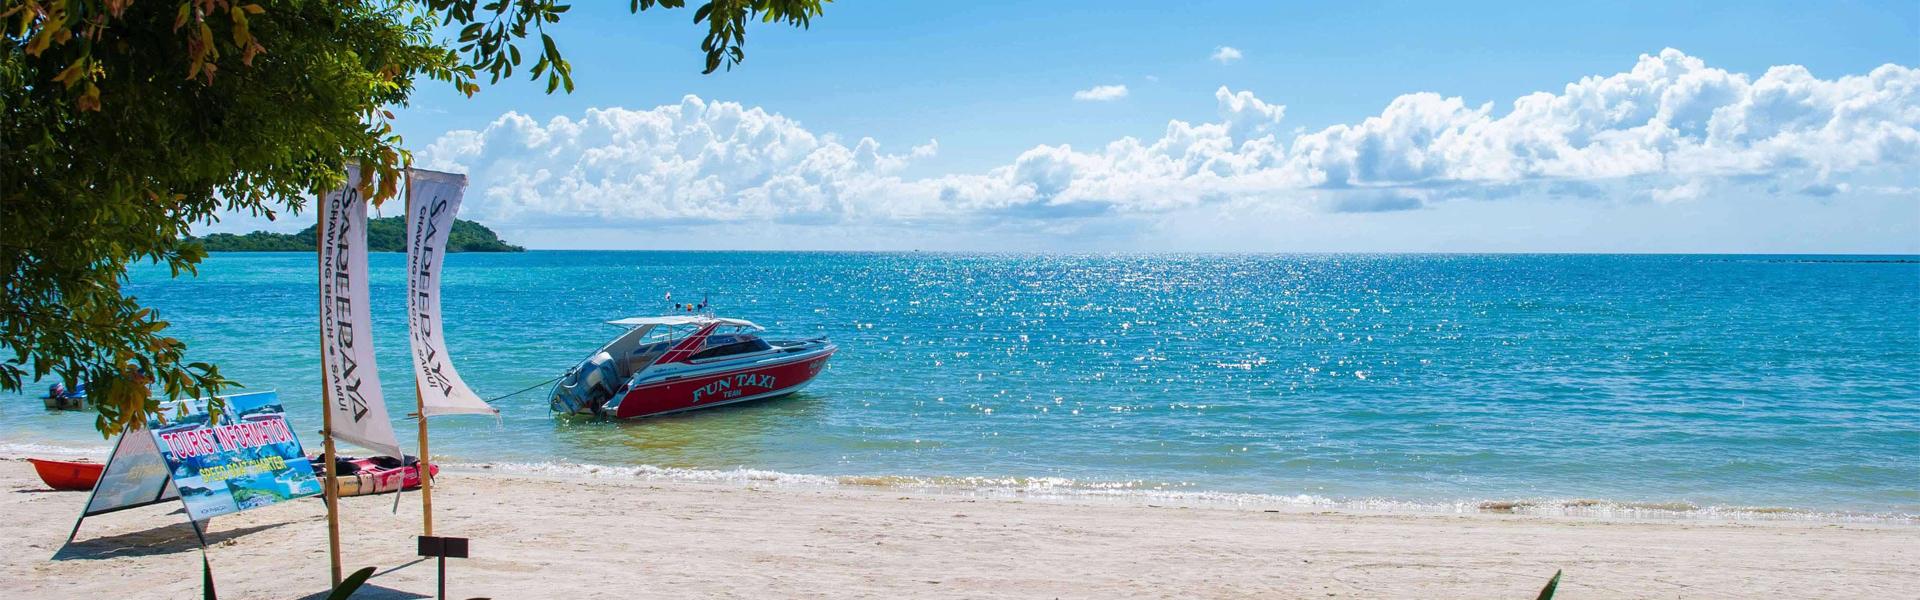 怎么去苏梅岛 苏梅岛旅游交通攻略